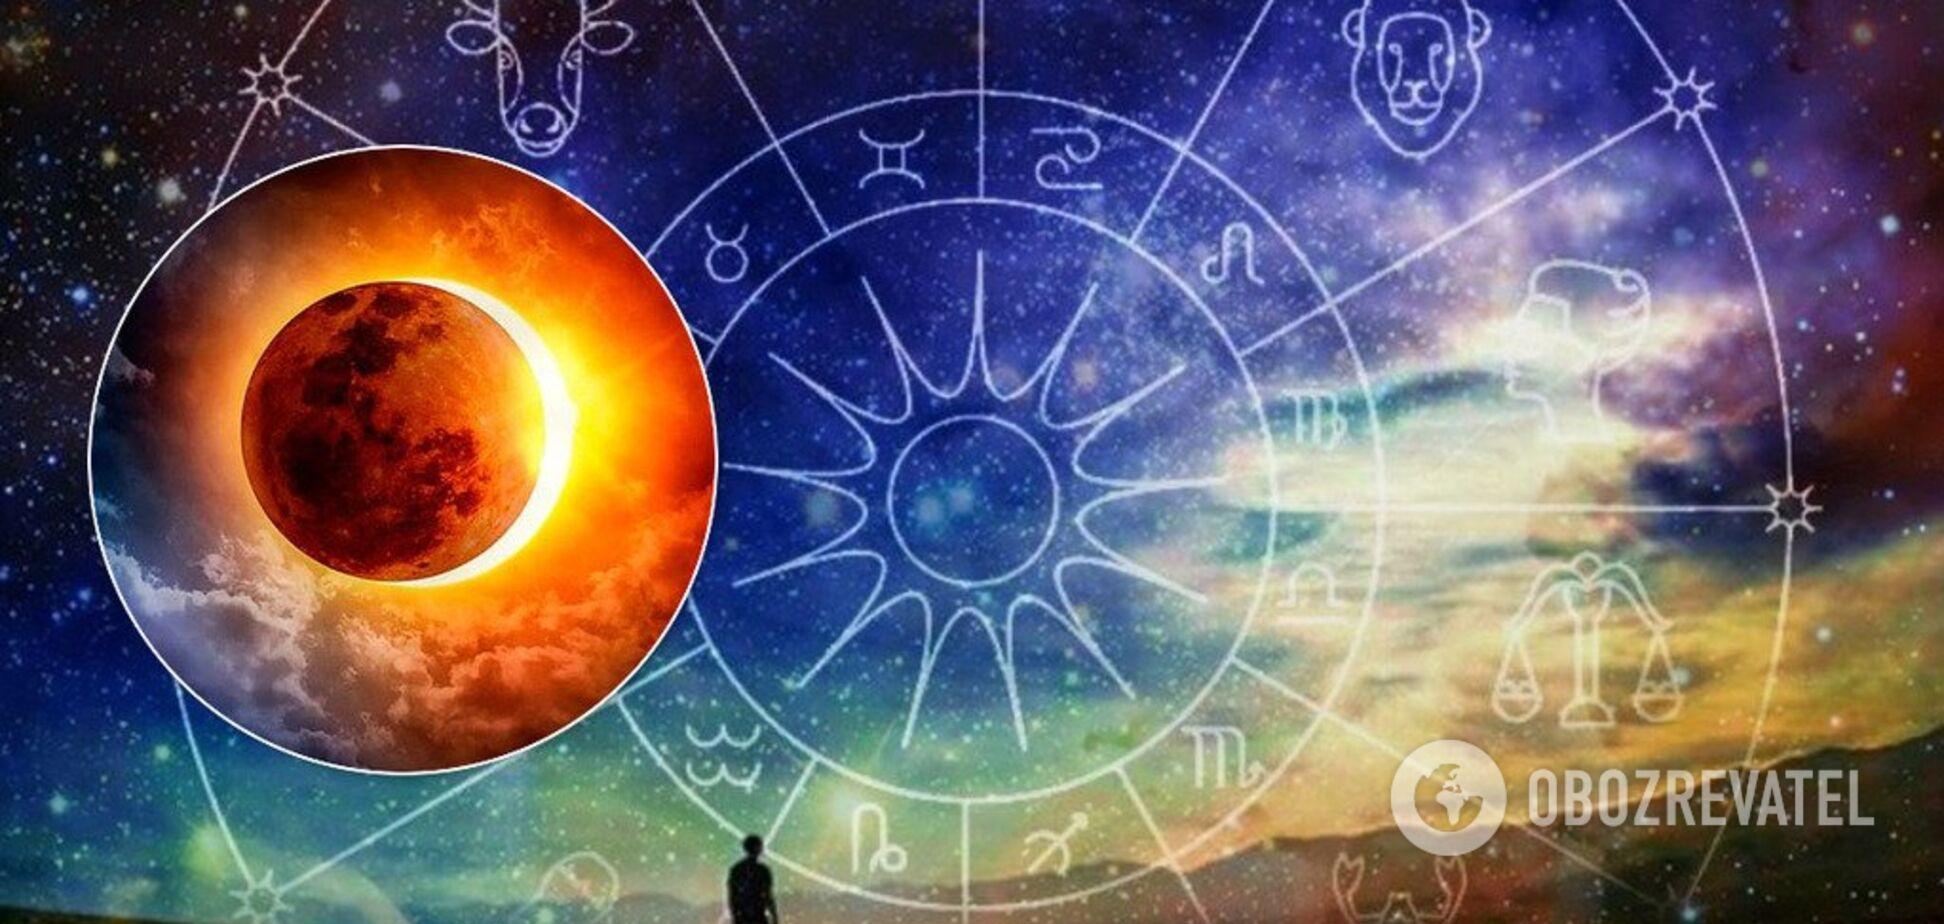 Затмение 26 декабря: как избежать опасностей и привлечь удачу